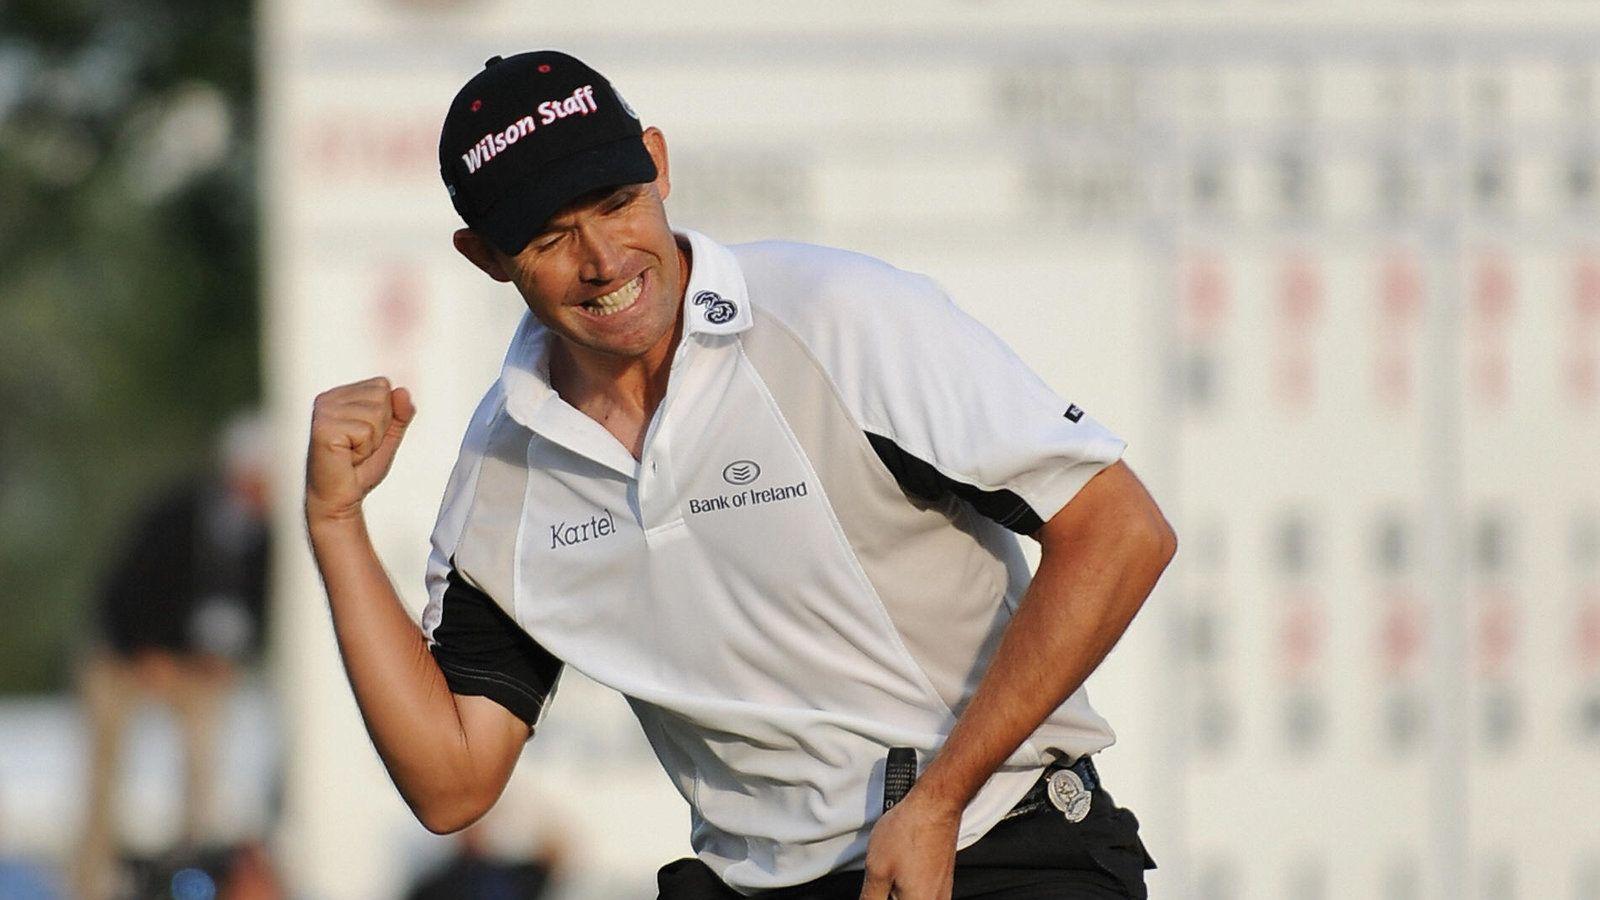 When 2008 Was the Golf Year of the Irishman Irish men